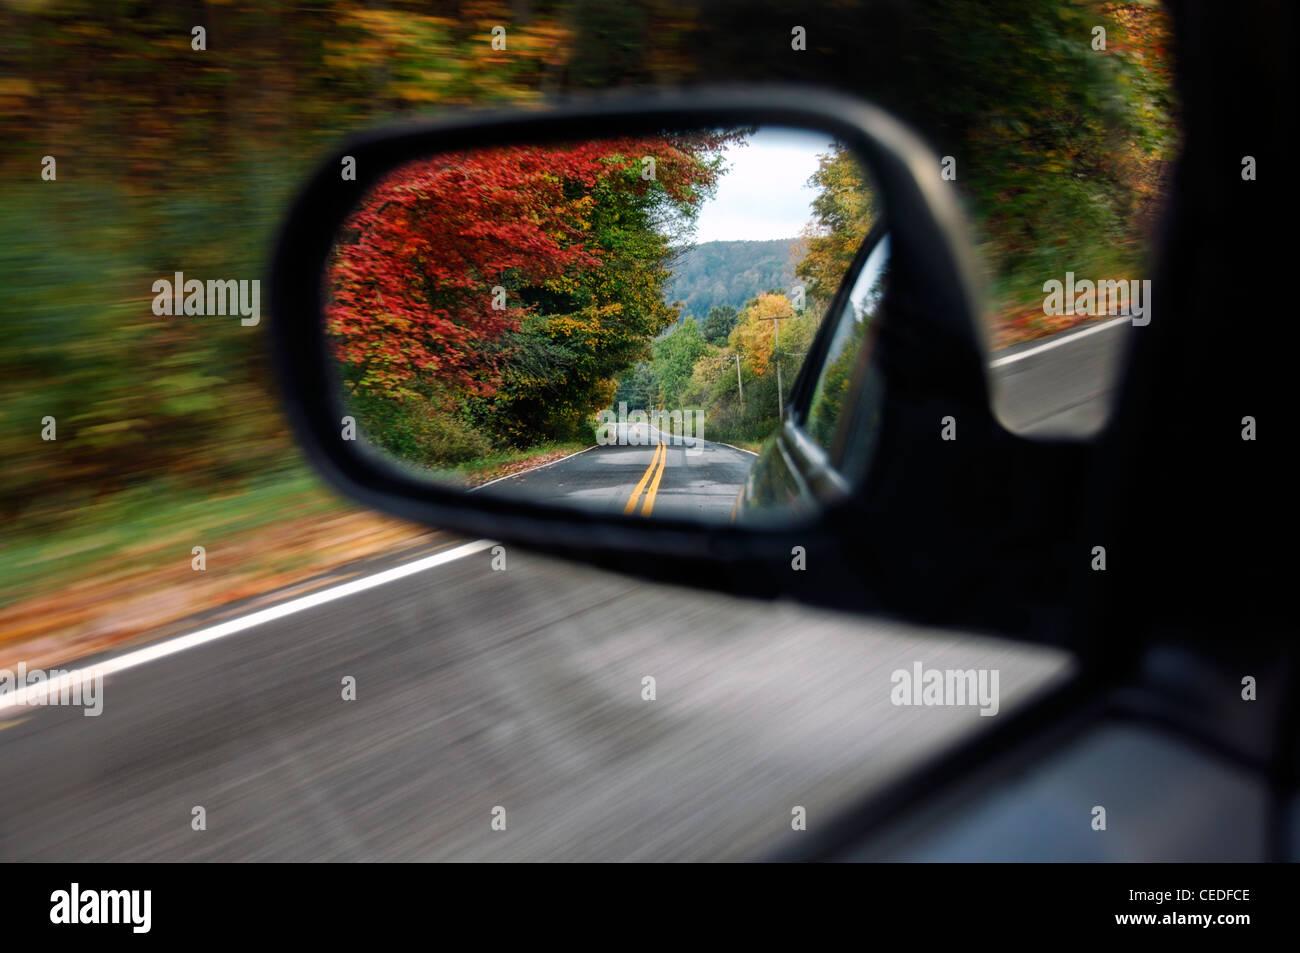 Auto specchietto retrovisore Immagini Stock